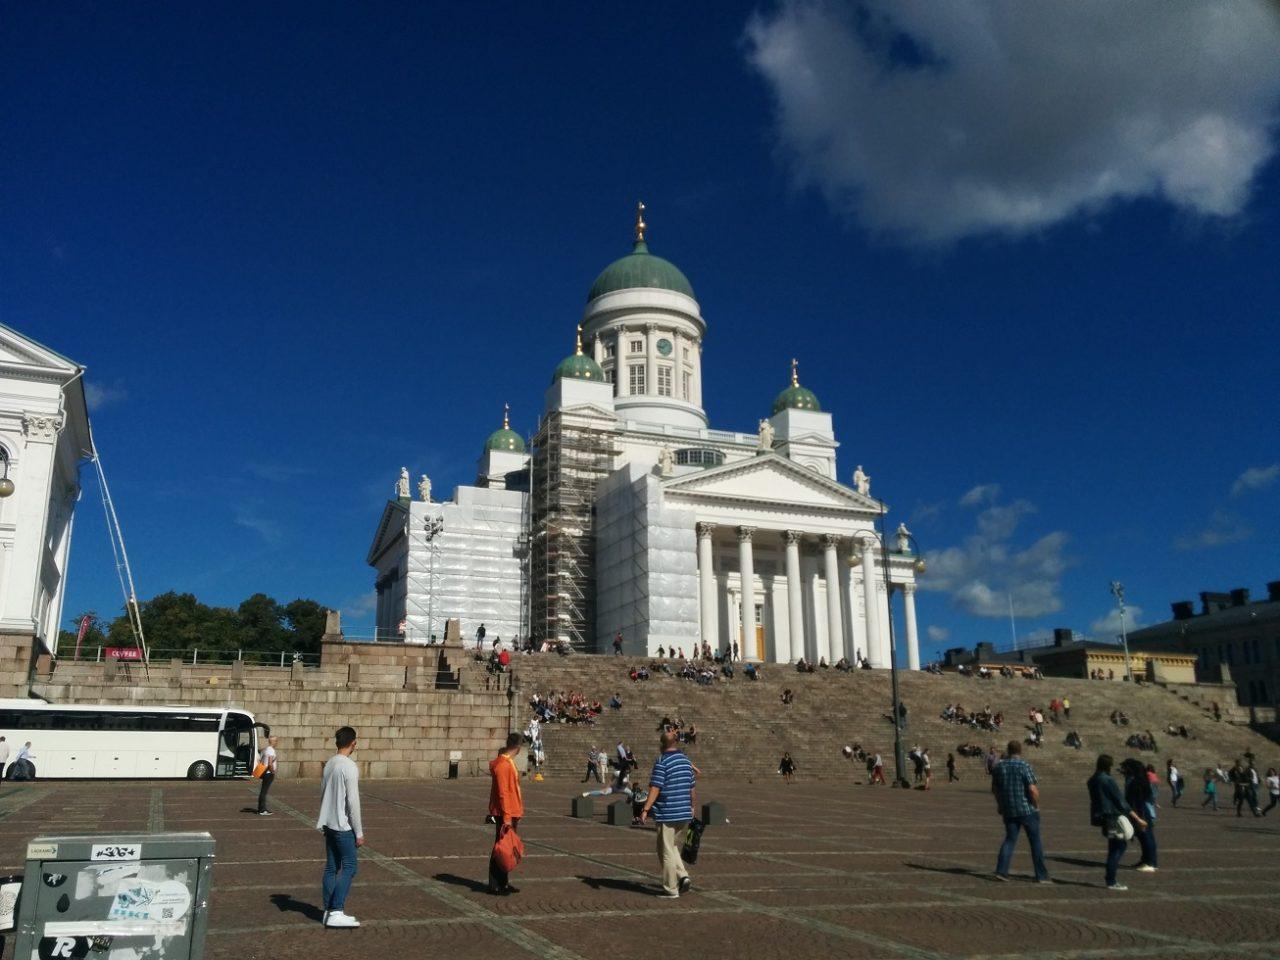 秋空の下のヘルシンキ大聖堂